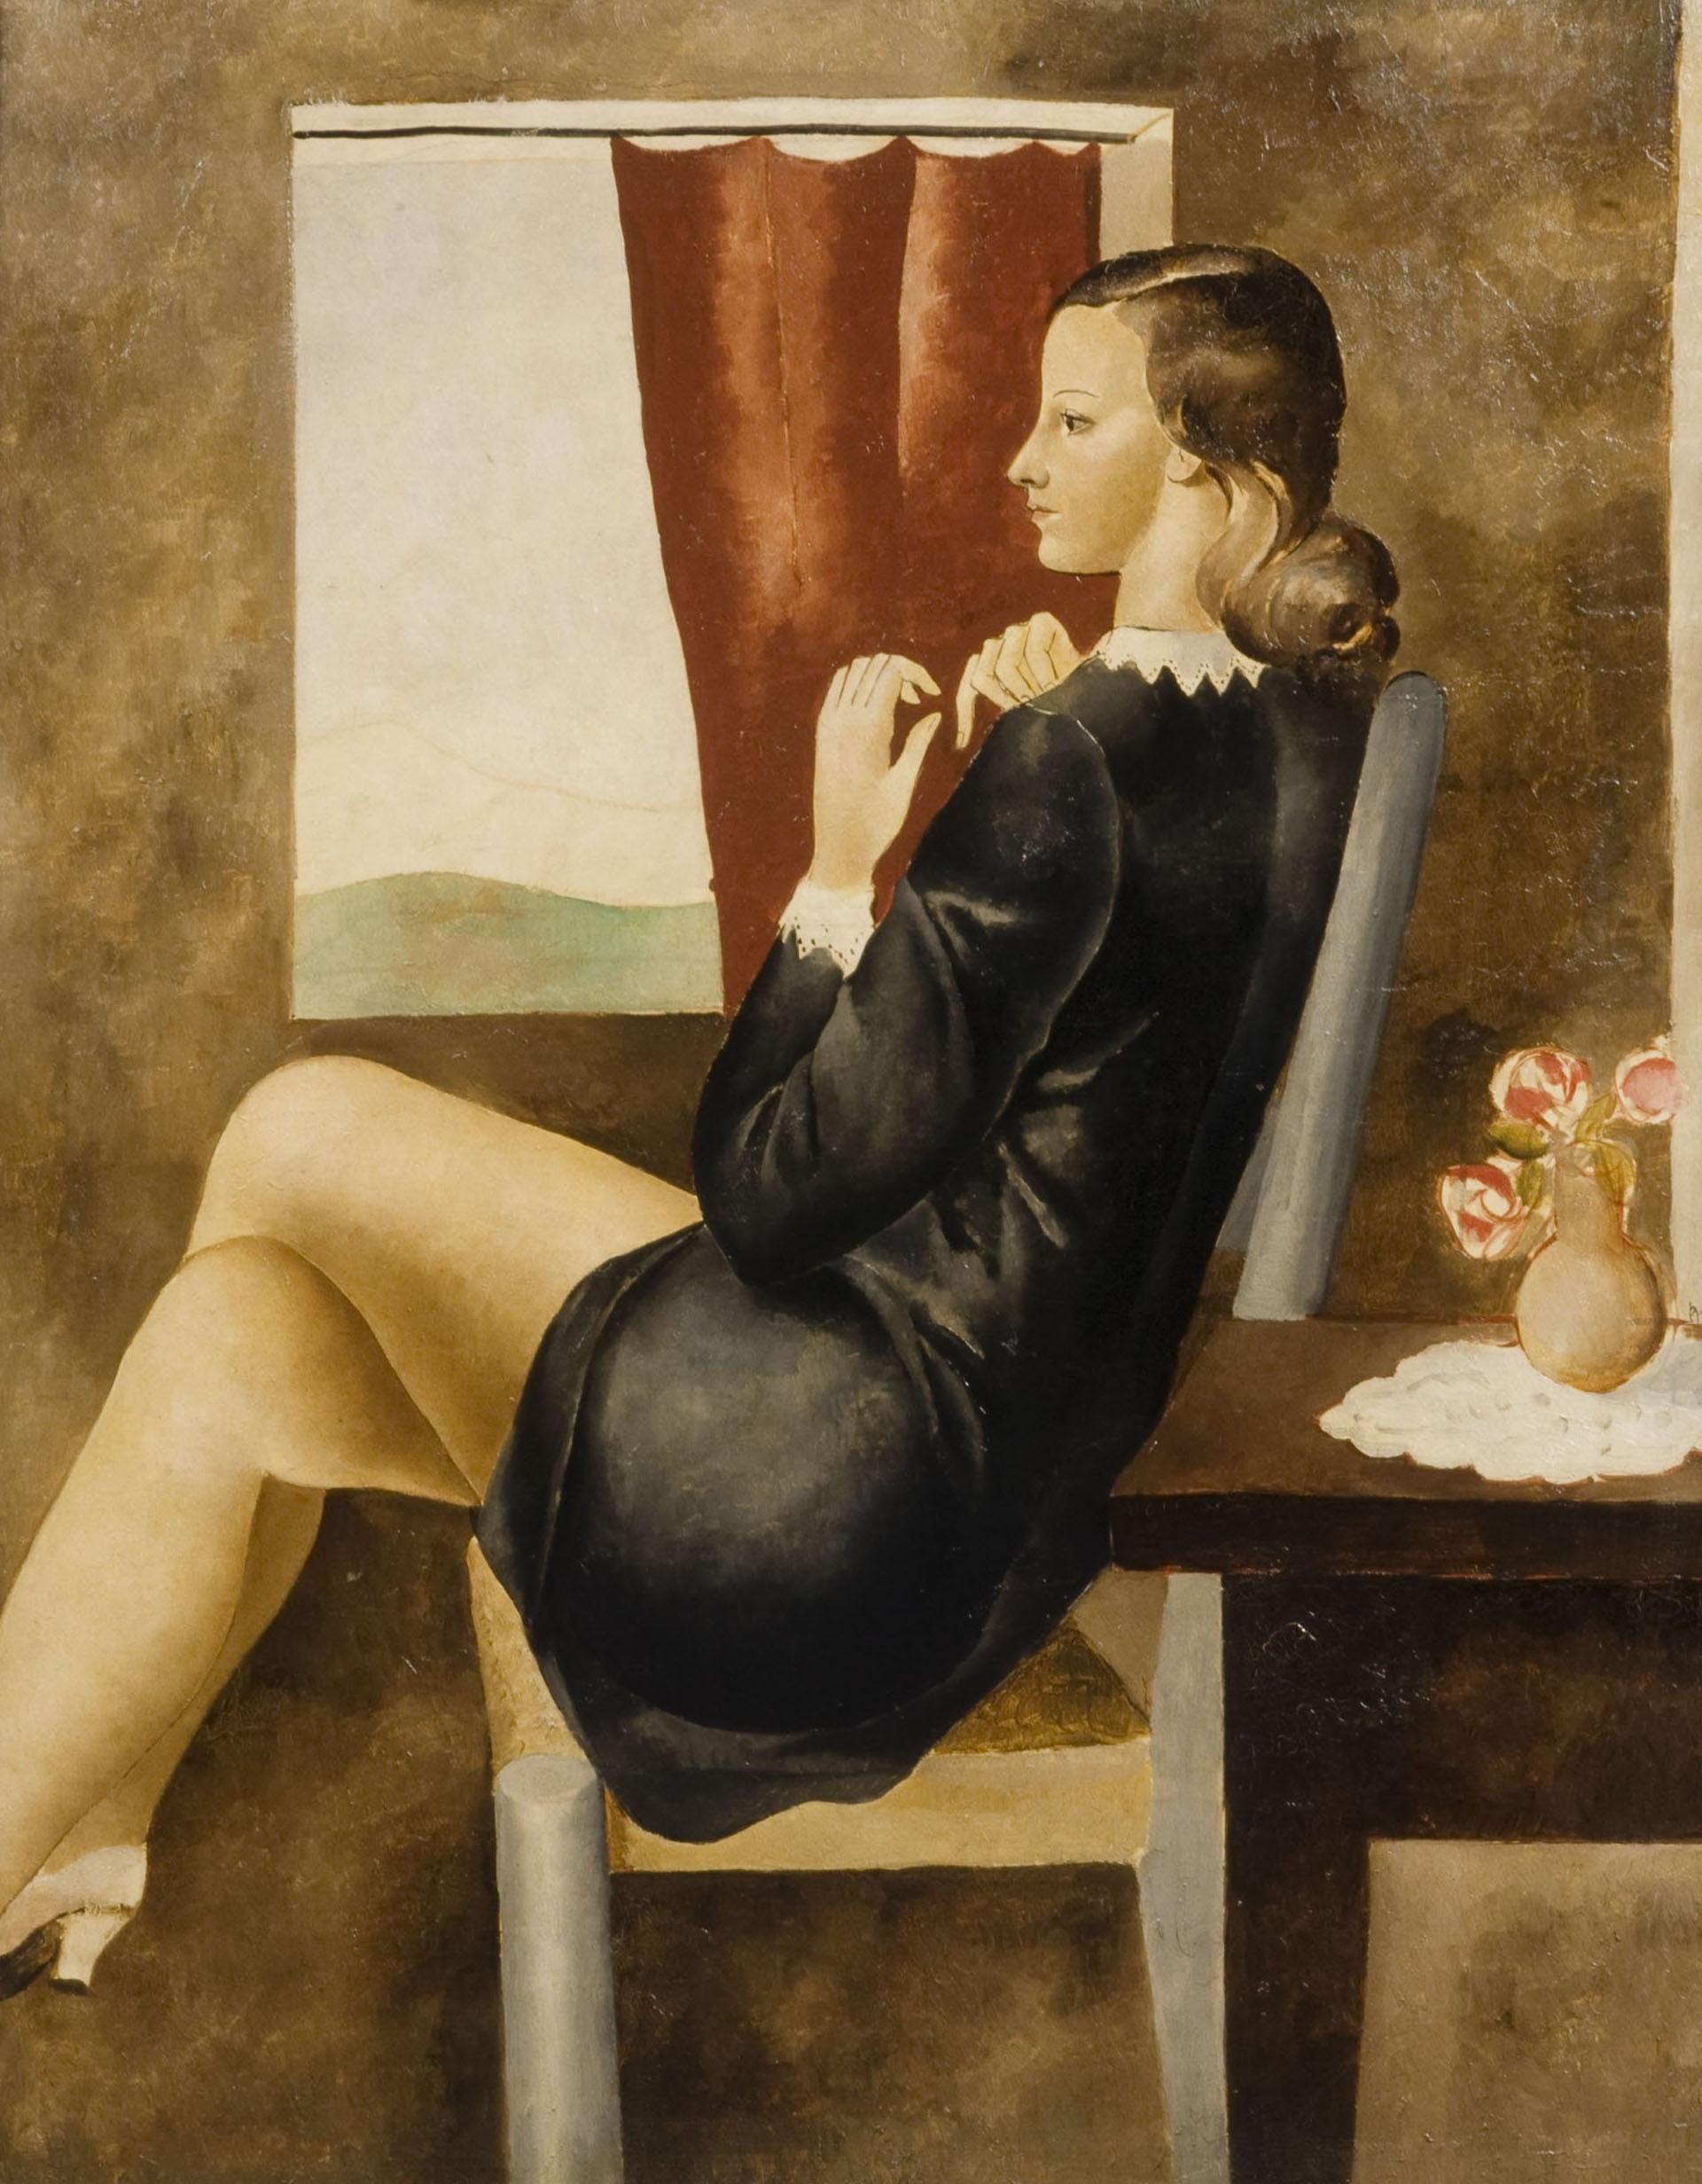 Pere Pruna - Noia vora la finestra - Cap a 1930